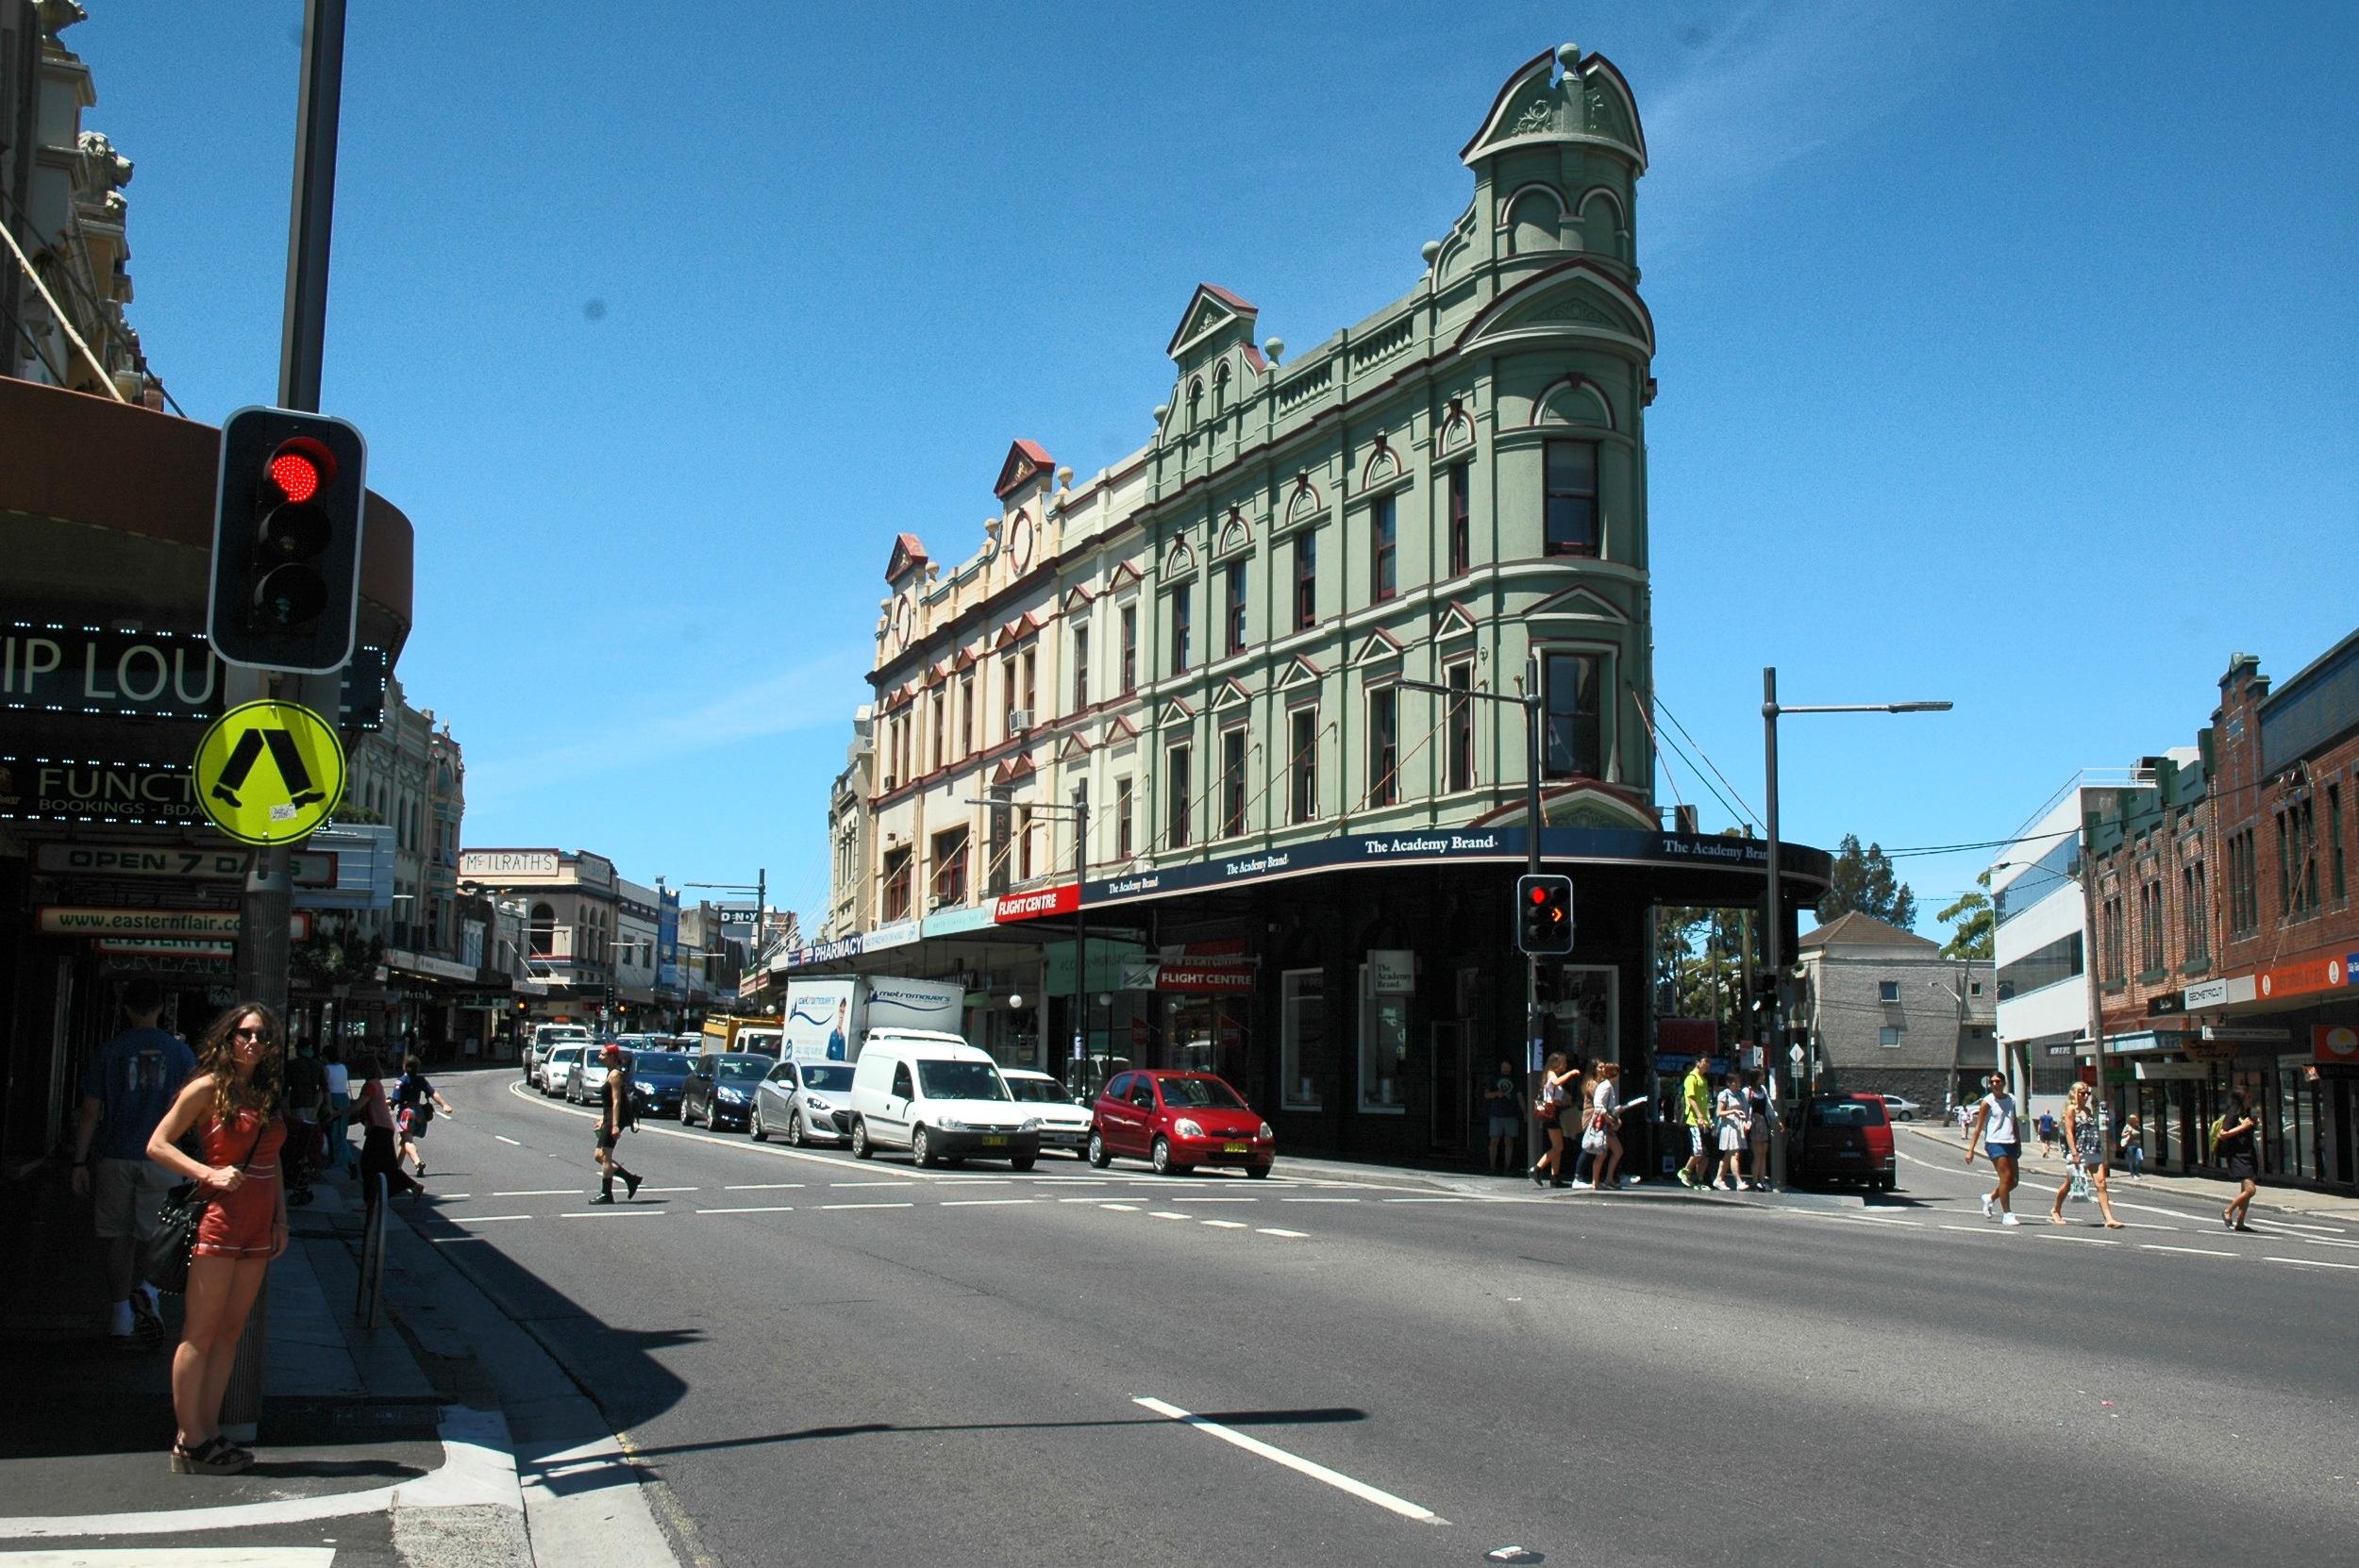 Sydney Australia Places to Visit - Newtown